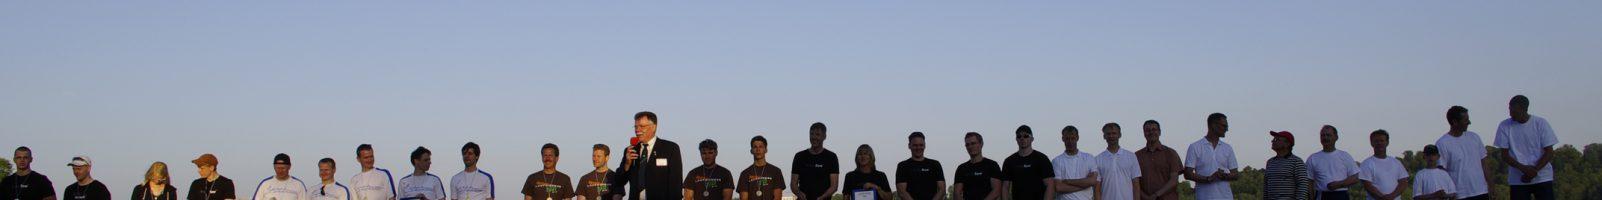 Firmen-Sprintcup